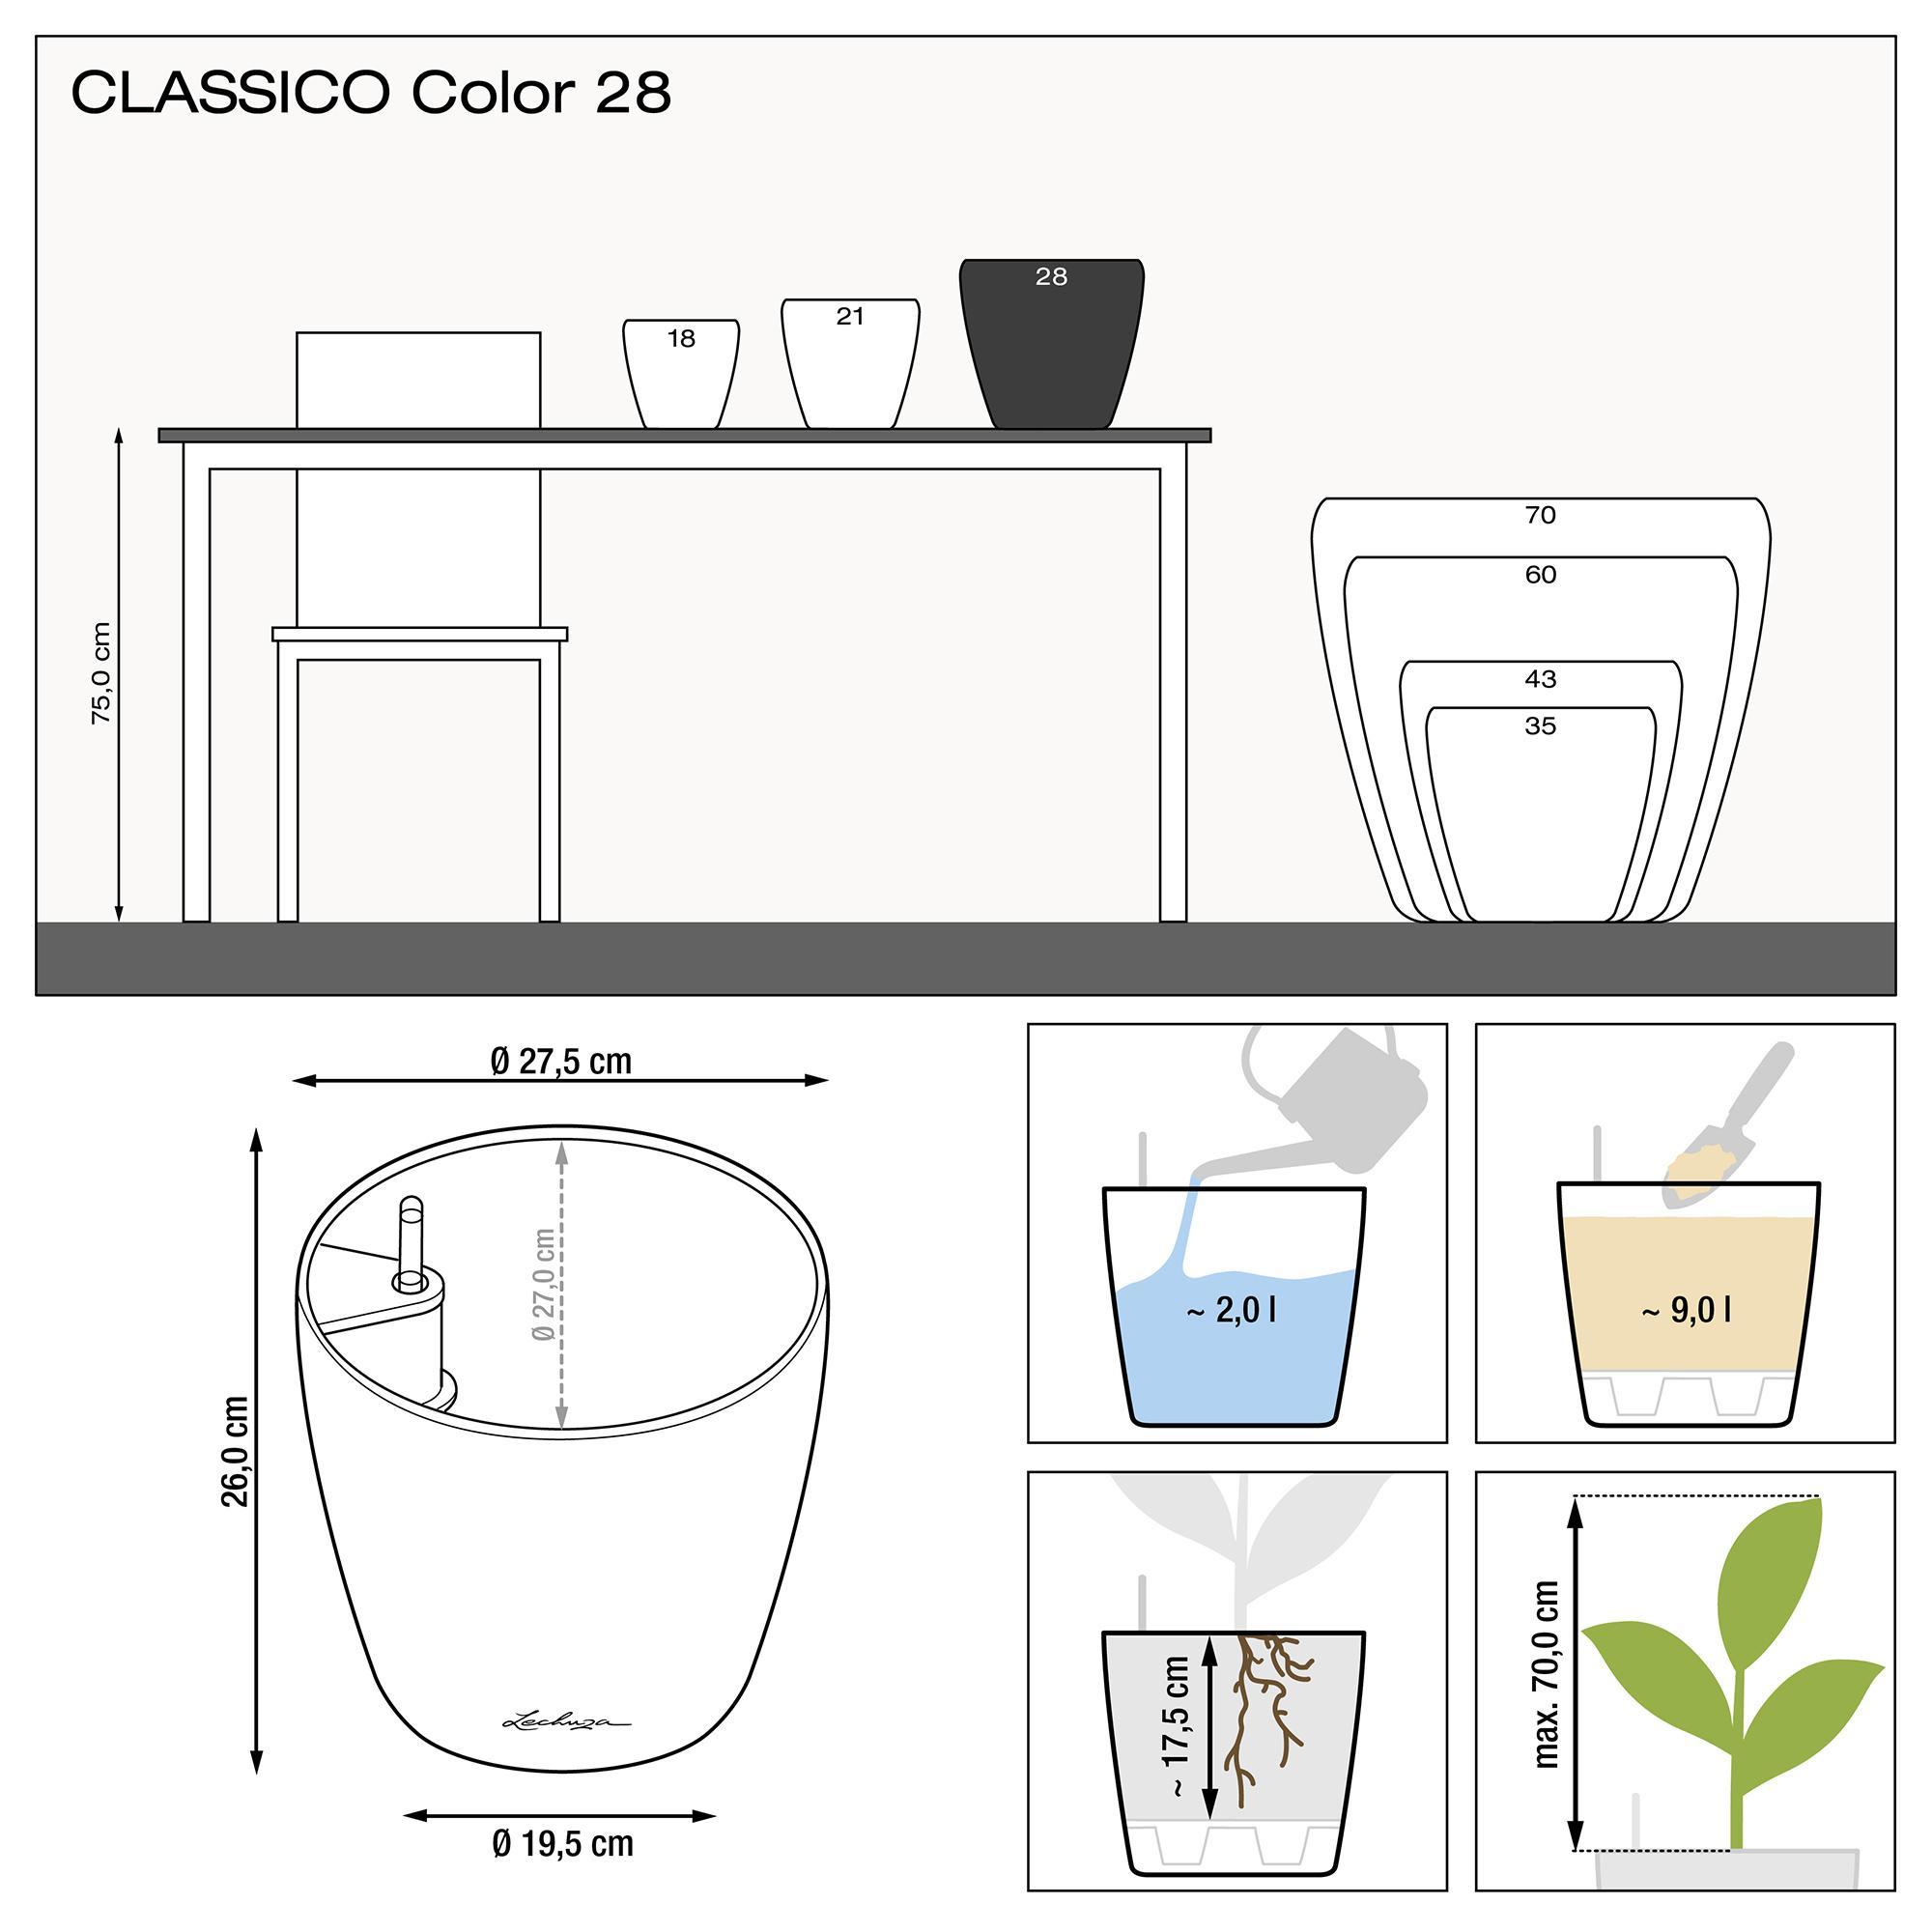 CLASSICO Color 28 white - Image 2